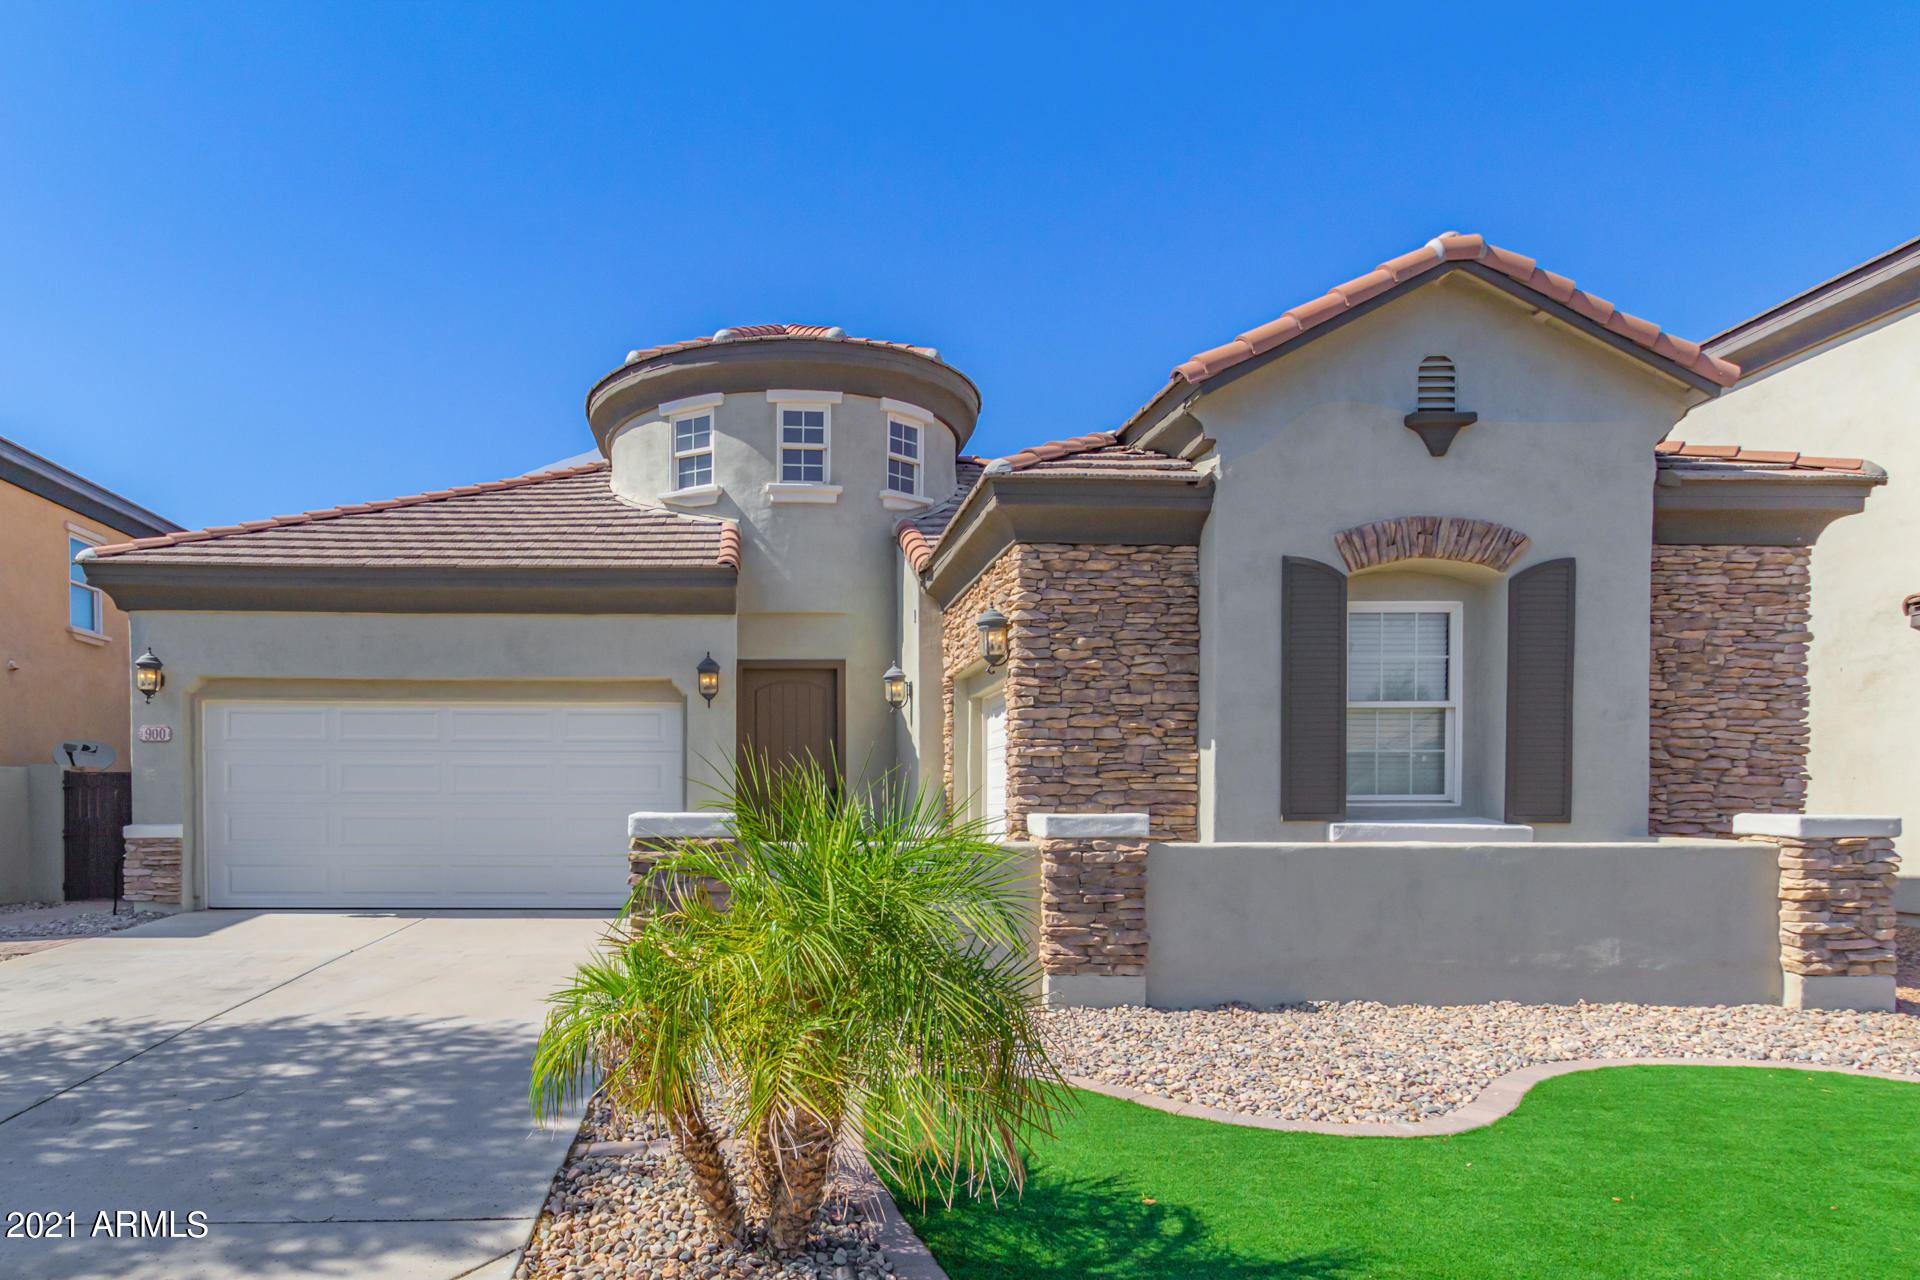 900 E CANYON Way, Chandler, AZ 85249 - MLS#: 6254324